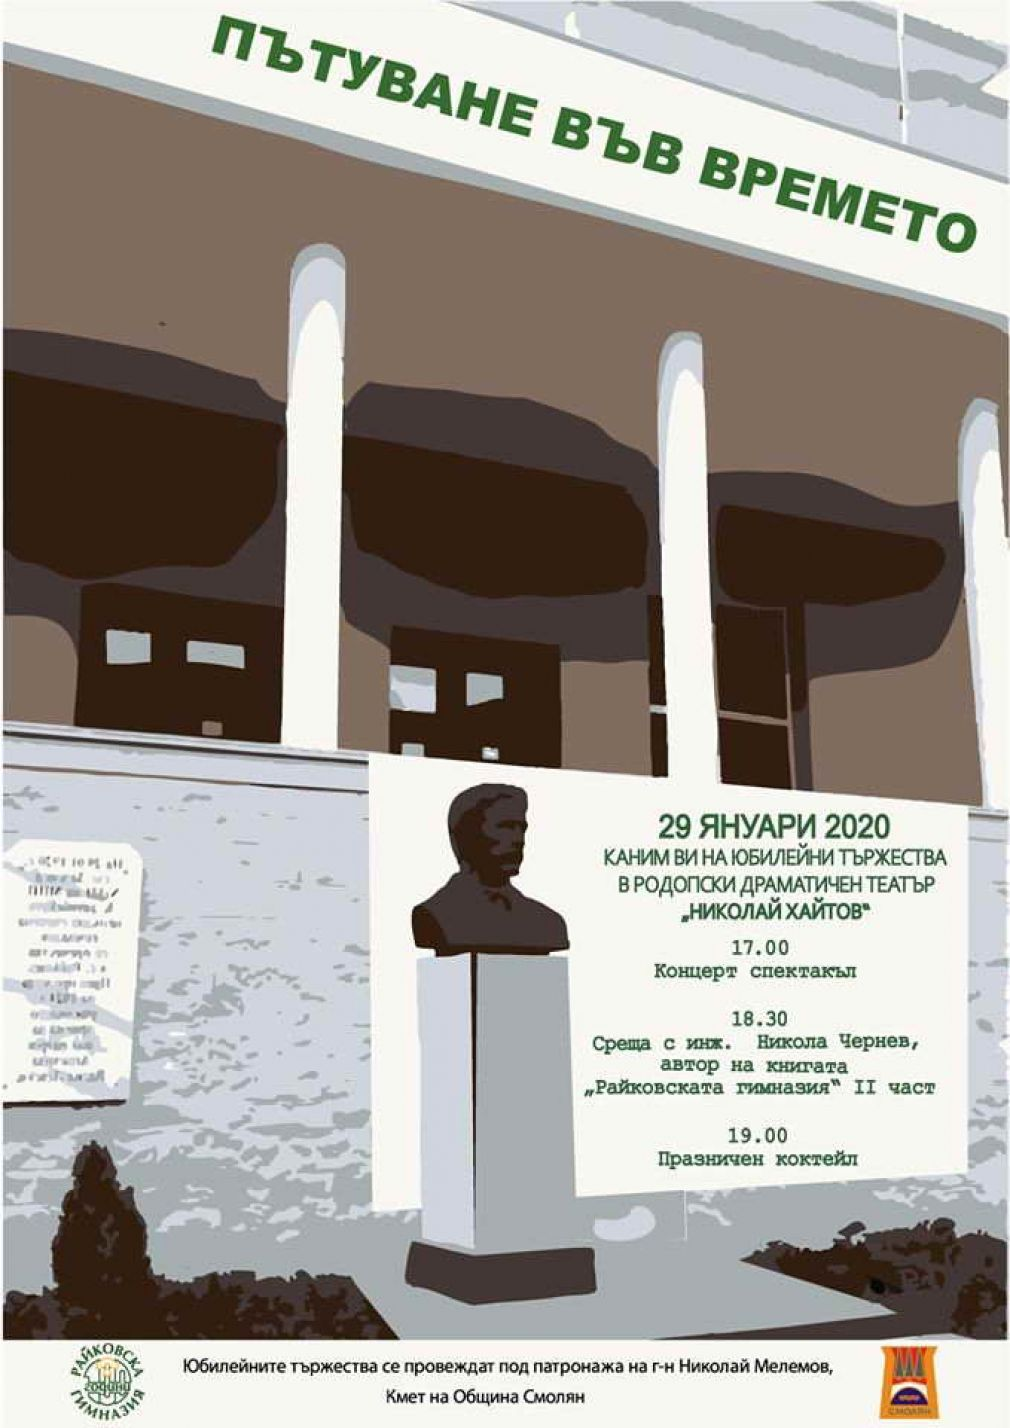 Райковската гимназия празнува 100-годишнината си на 29 януари